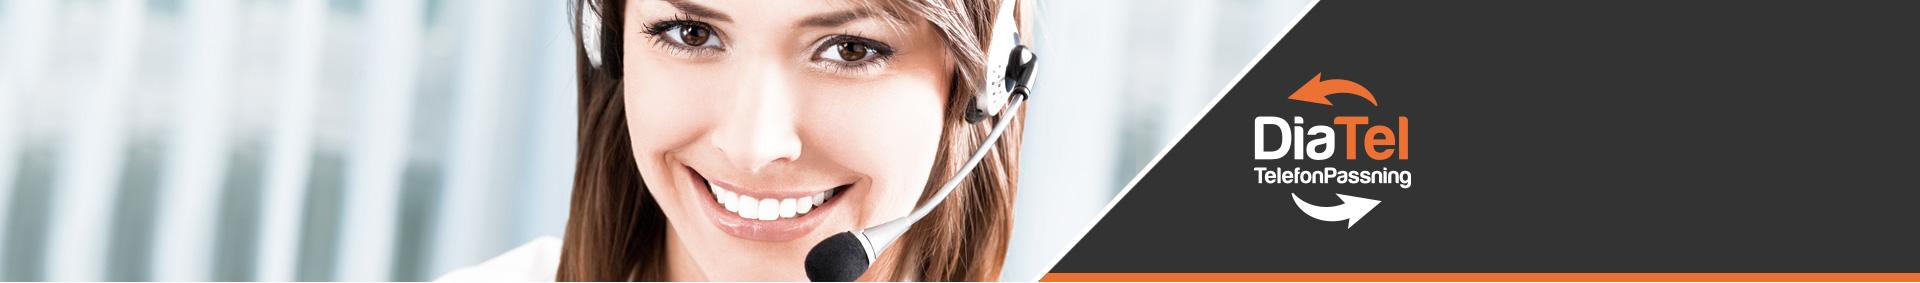 Telefonpassning från DiaTel - låter dig göra bra affärer!